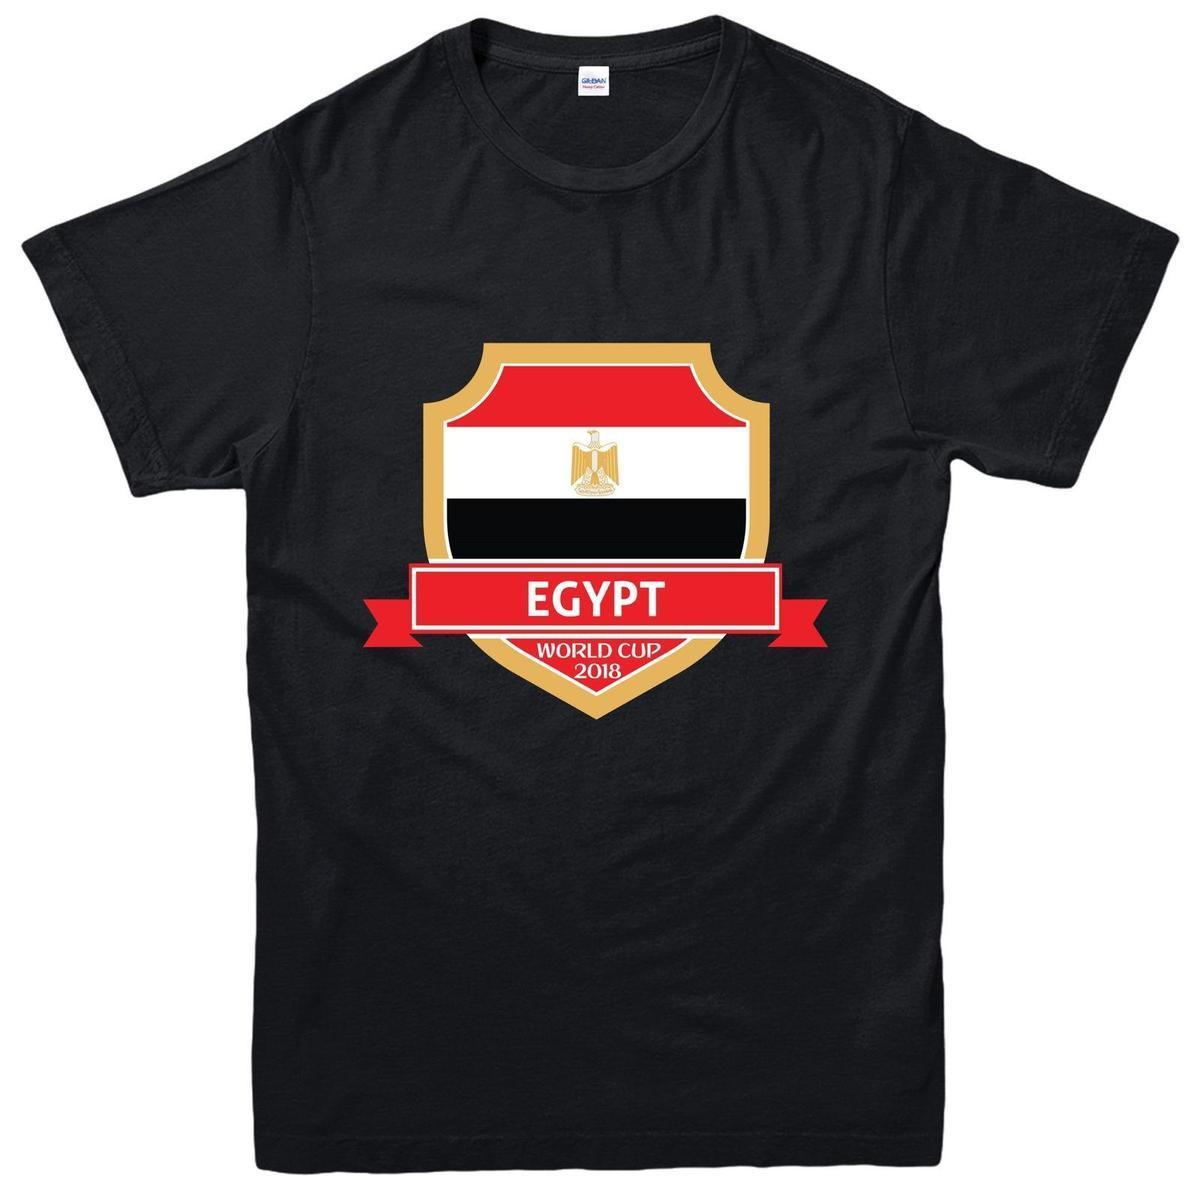 b820bce9912 Egypt Worldcup 2018 T Shirt